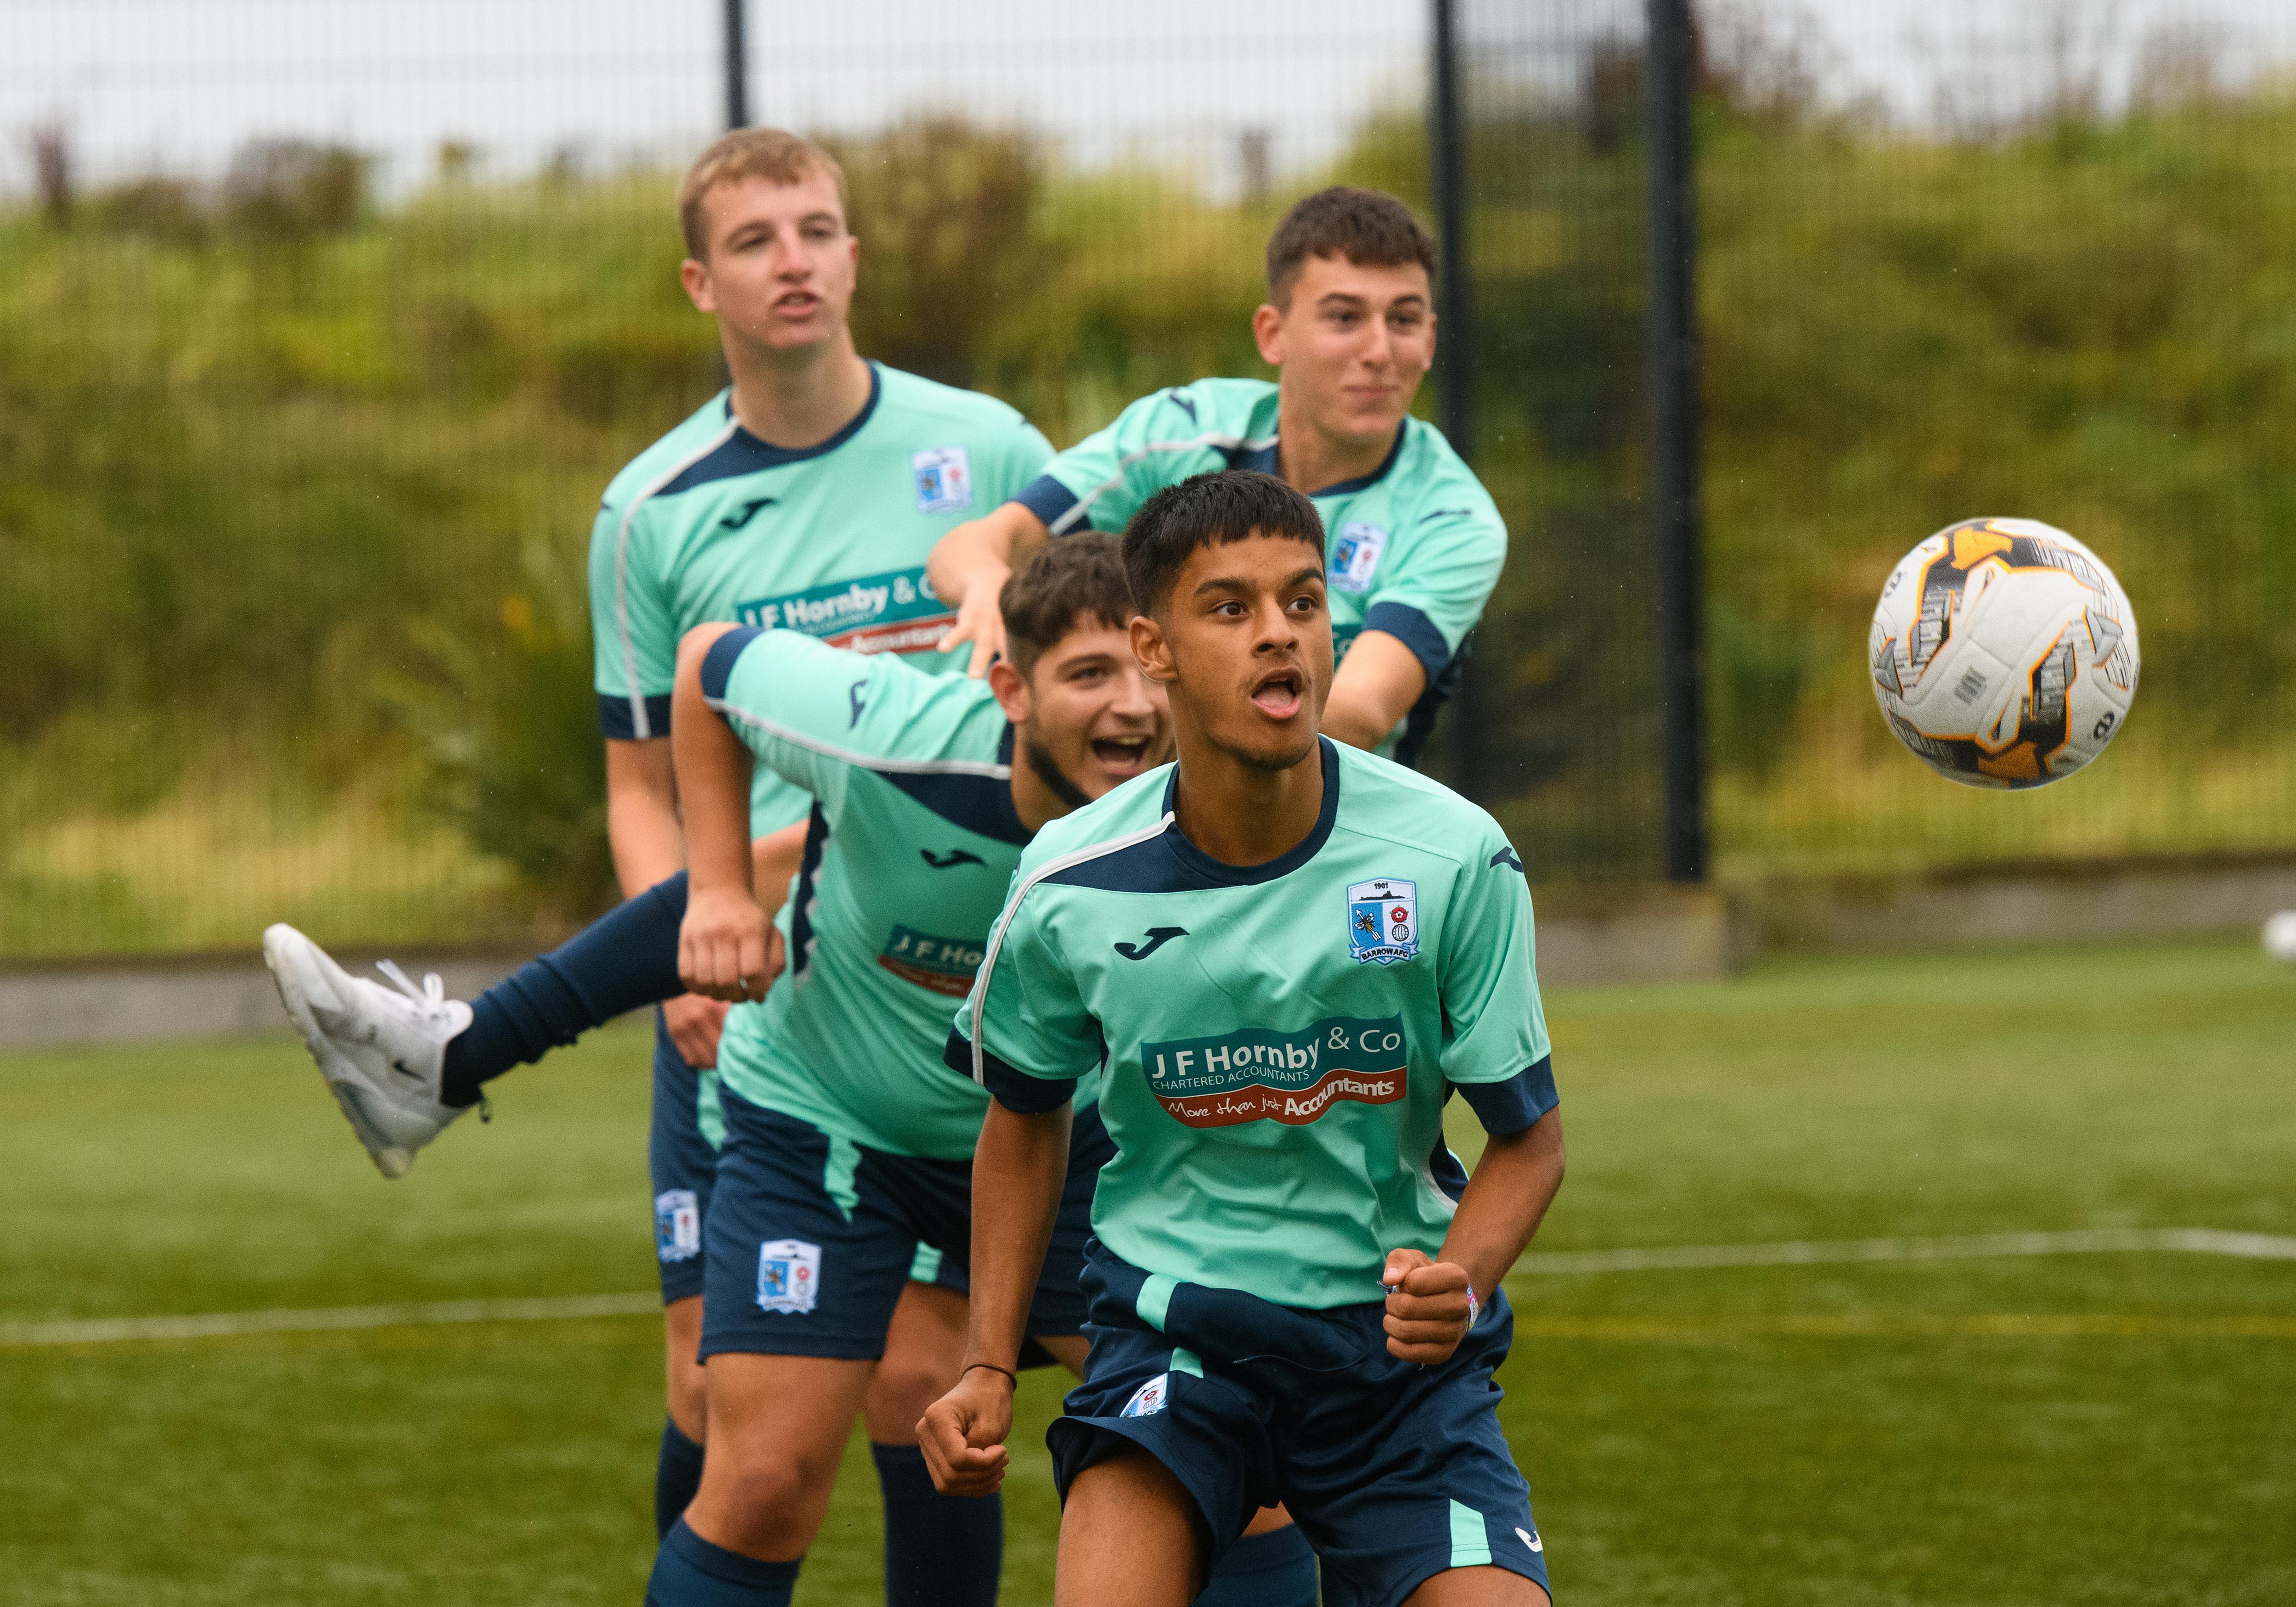 College Football Academy (Barrow AFC)